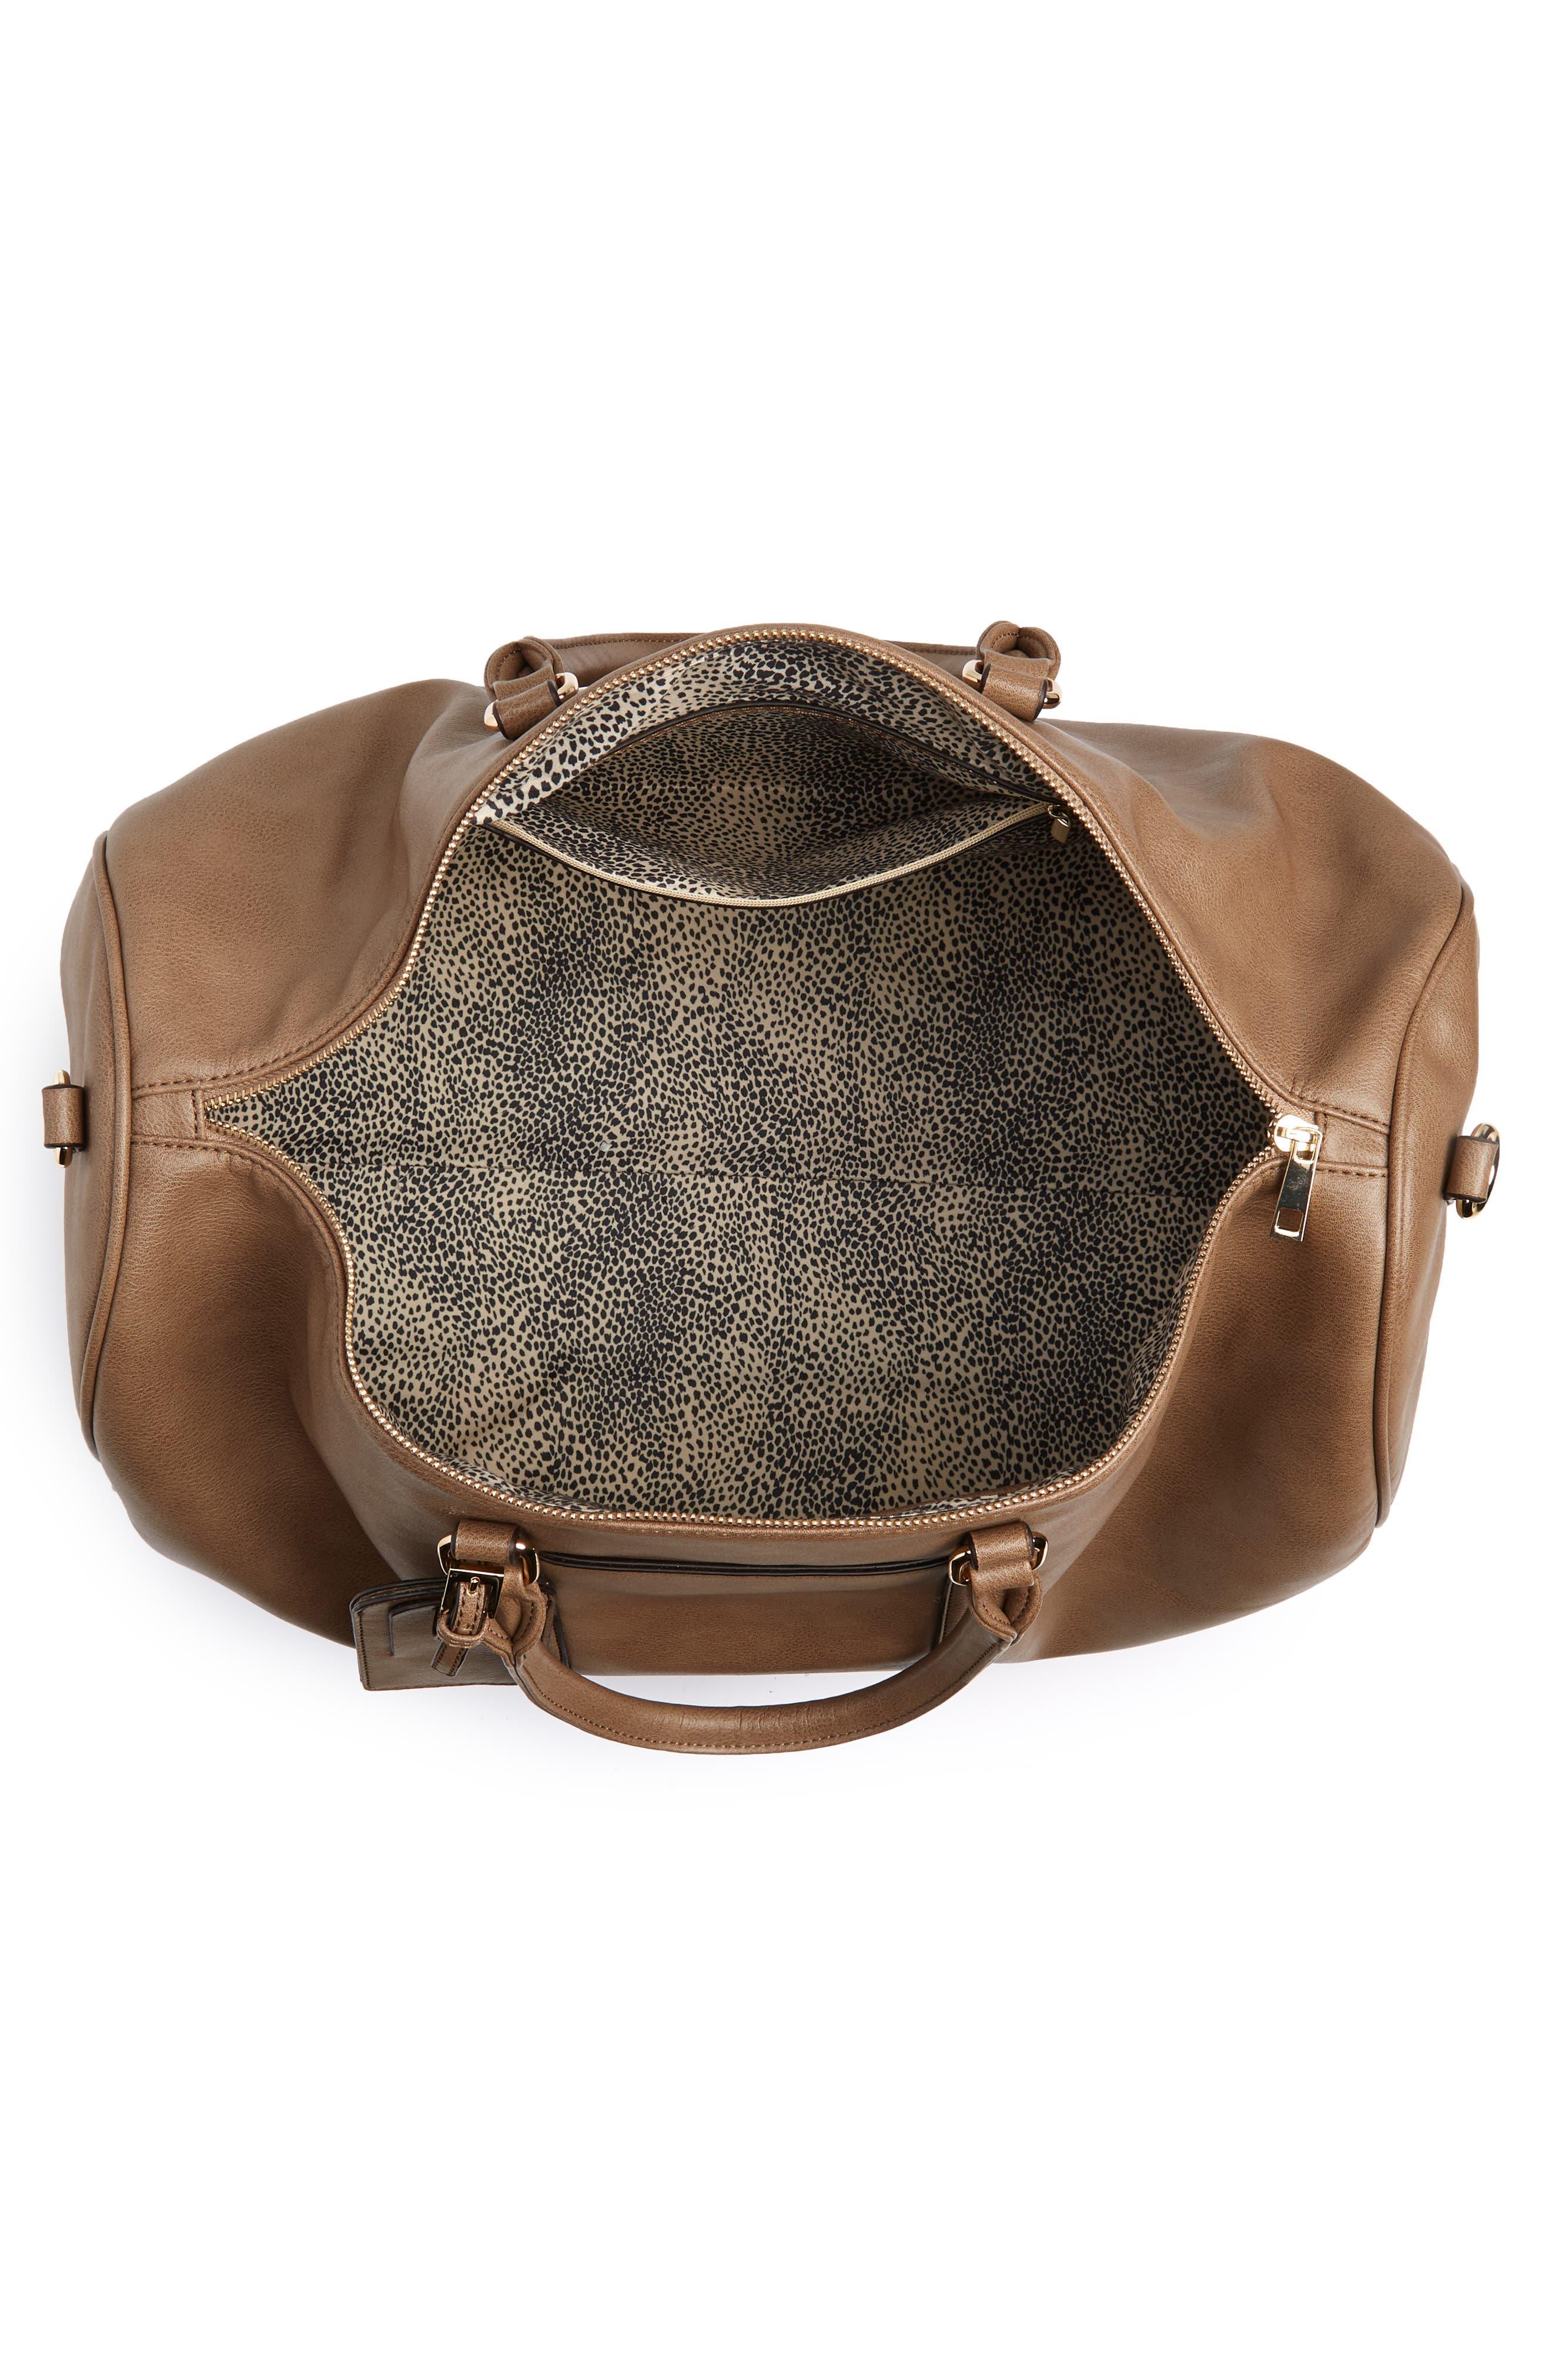 'Lacie' Faux Leather Duffel Bag,                             Alternate thumbnail 4, color,                             022